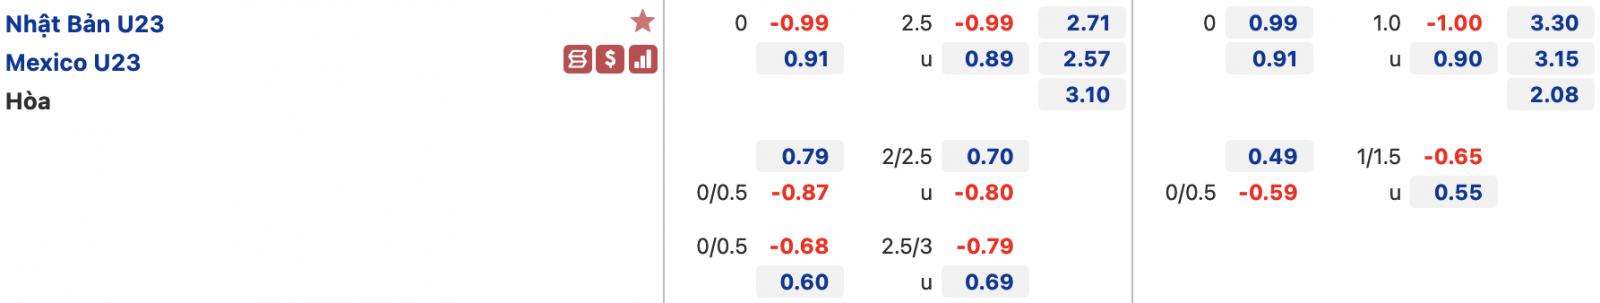 Tỷ lệ kèo bóng đá U23 Nhật Bản đấu với U23 Mexico